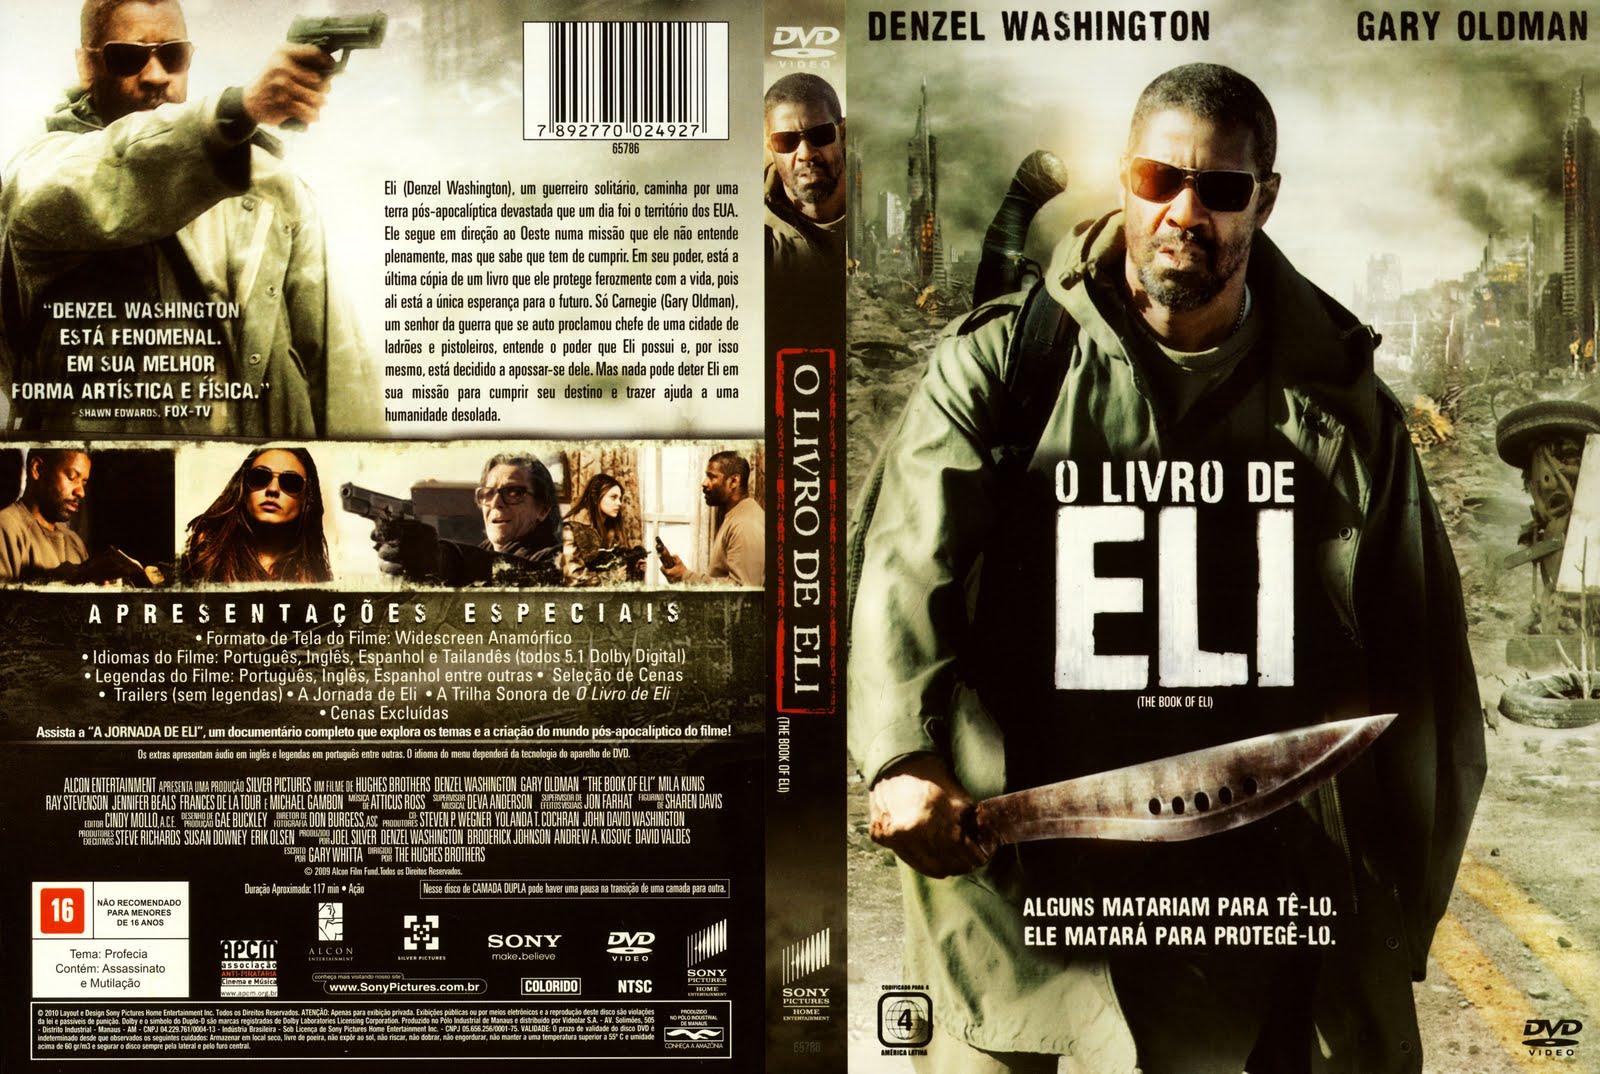 O LIVRO DE ELI ~ CAPAS DE FILMES EM DVD